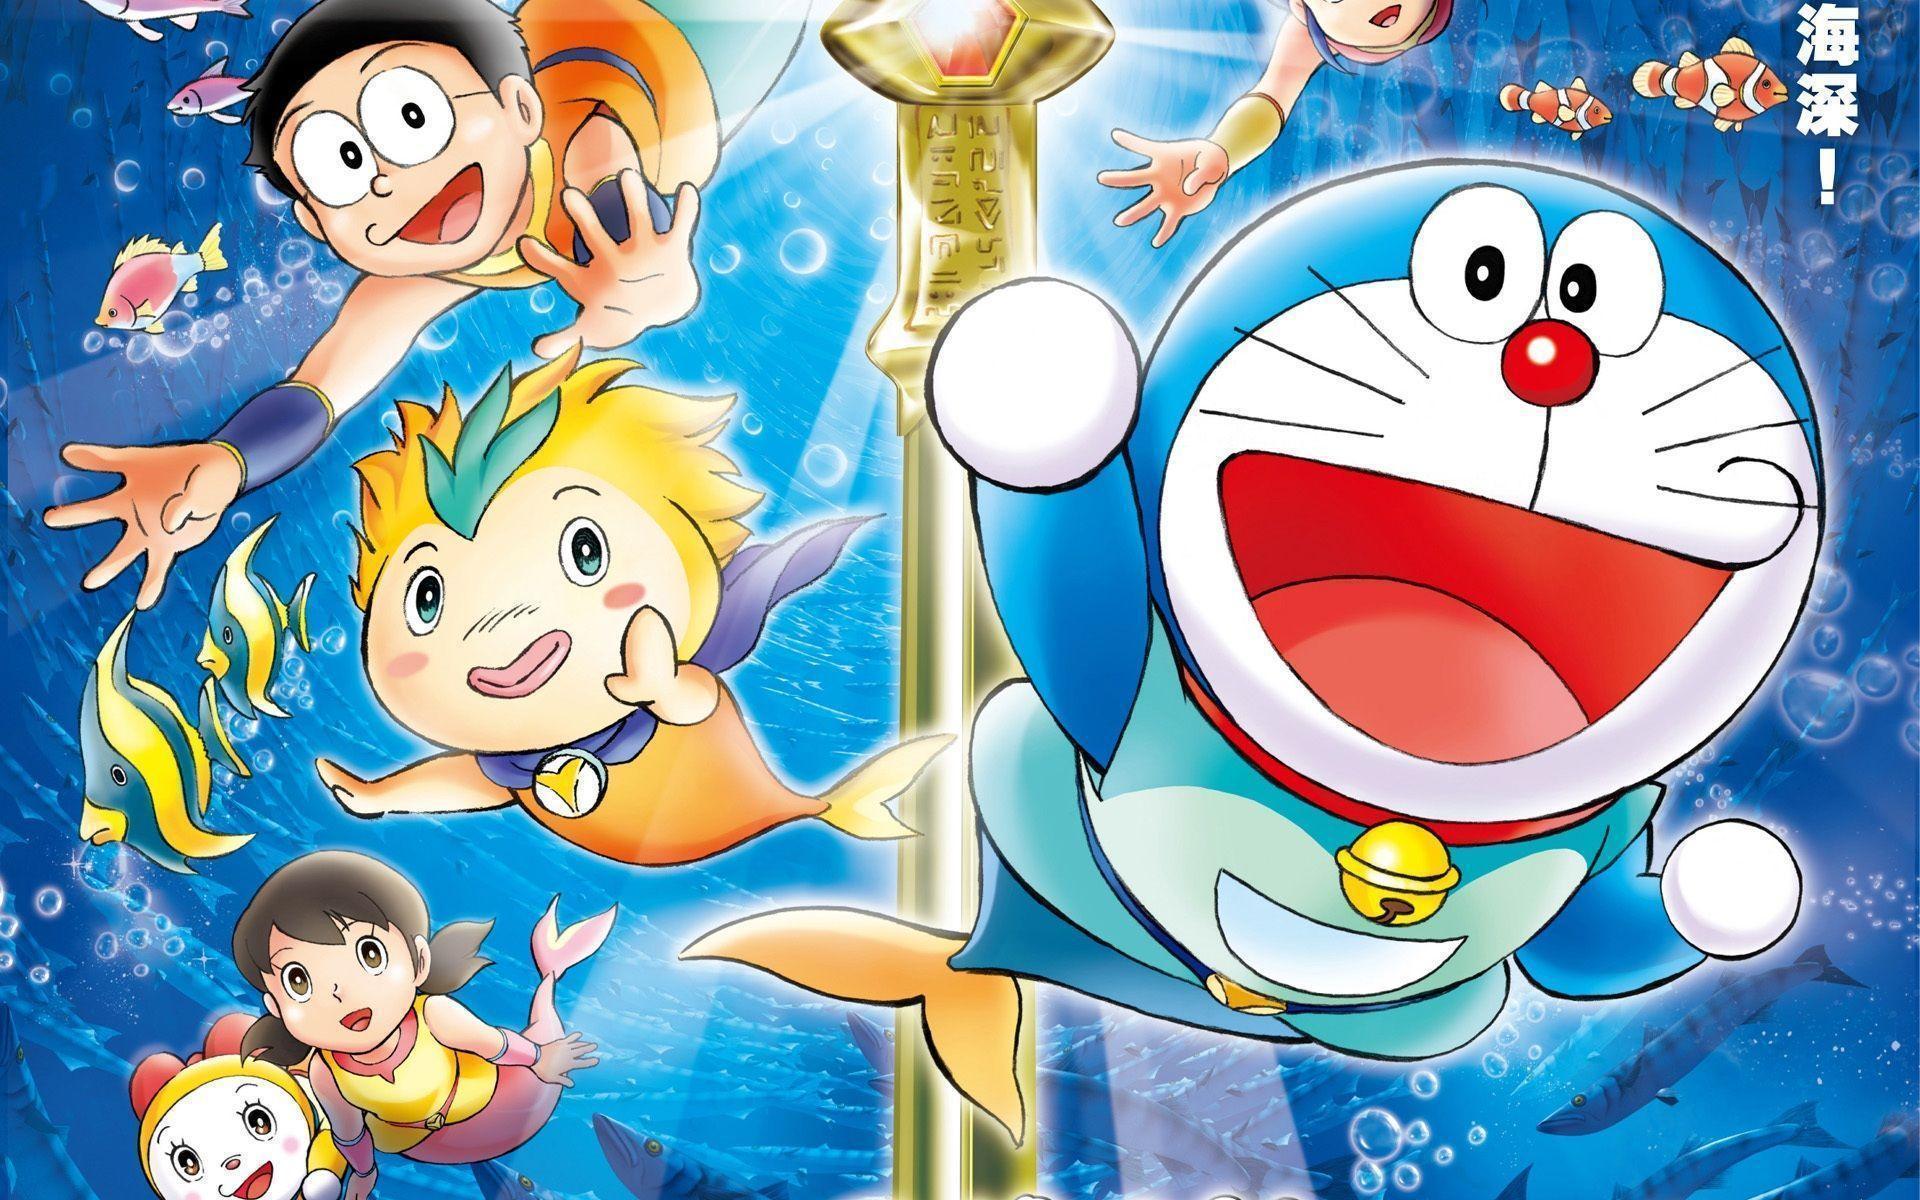 Doraemon Cartoon Character Desktop | ardiwallpaper.